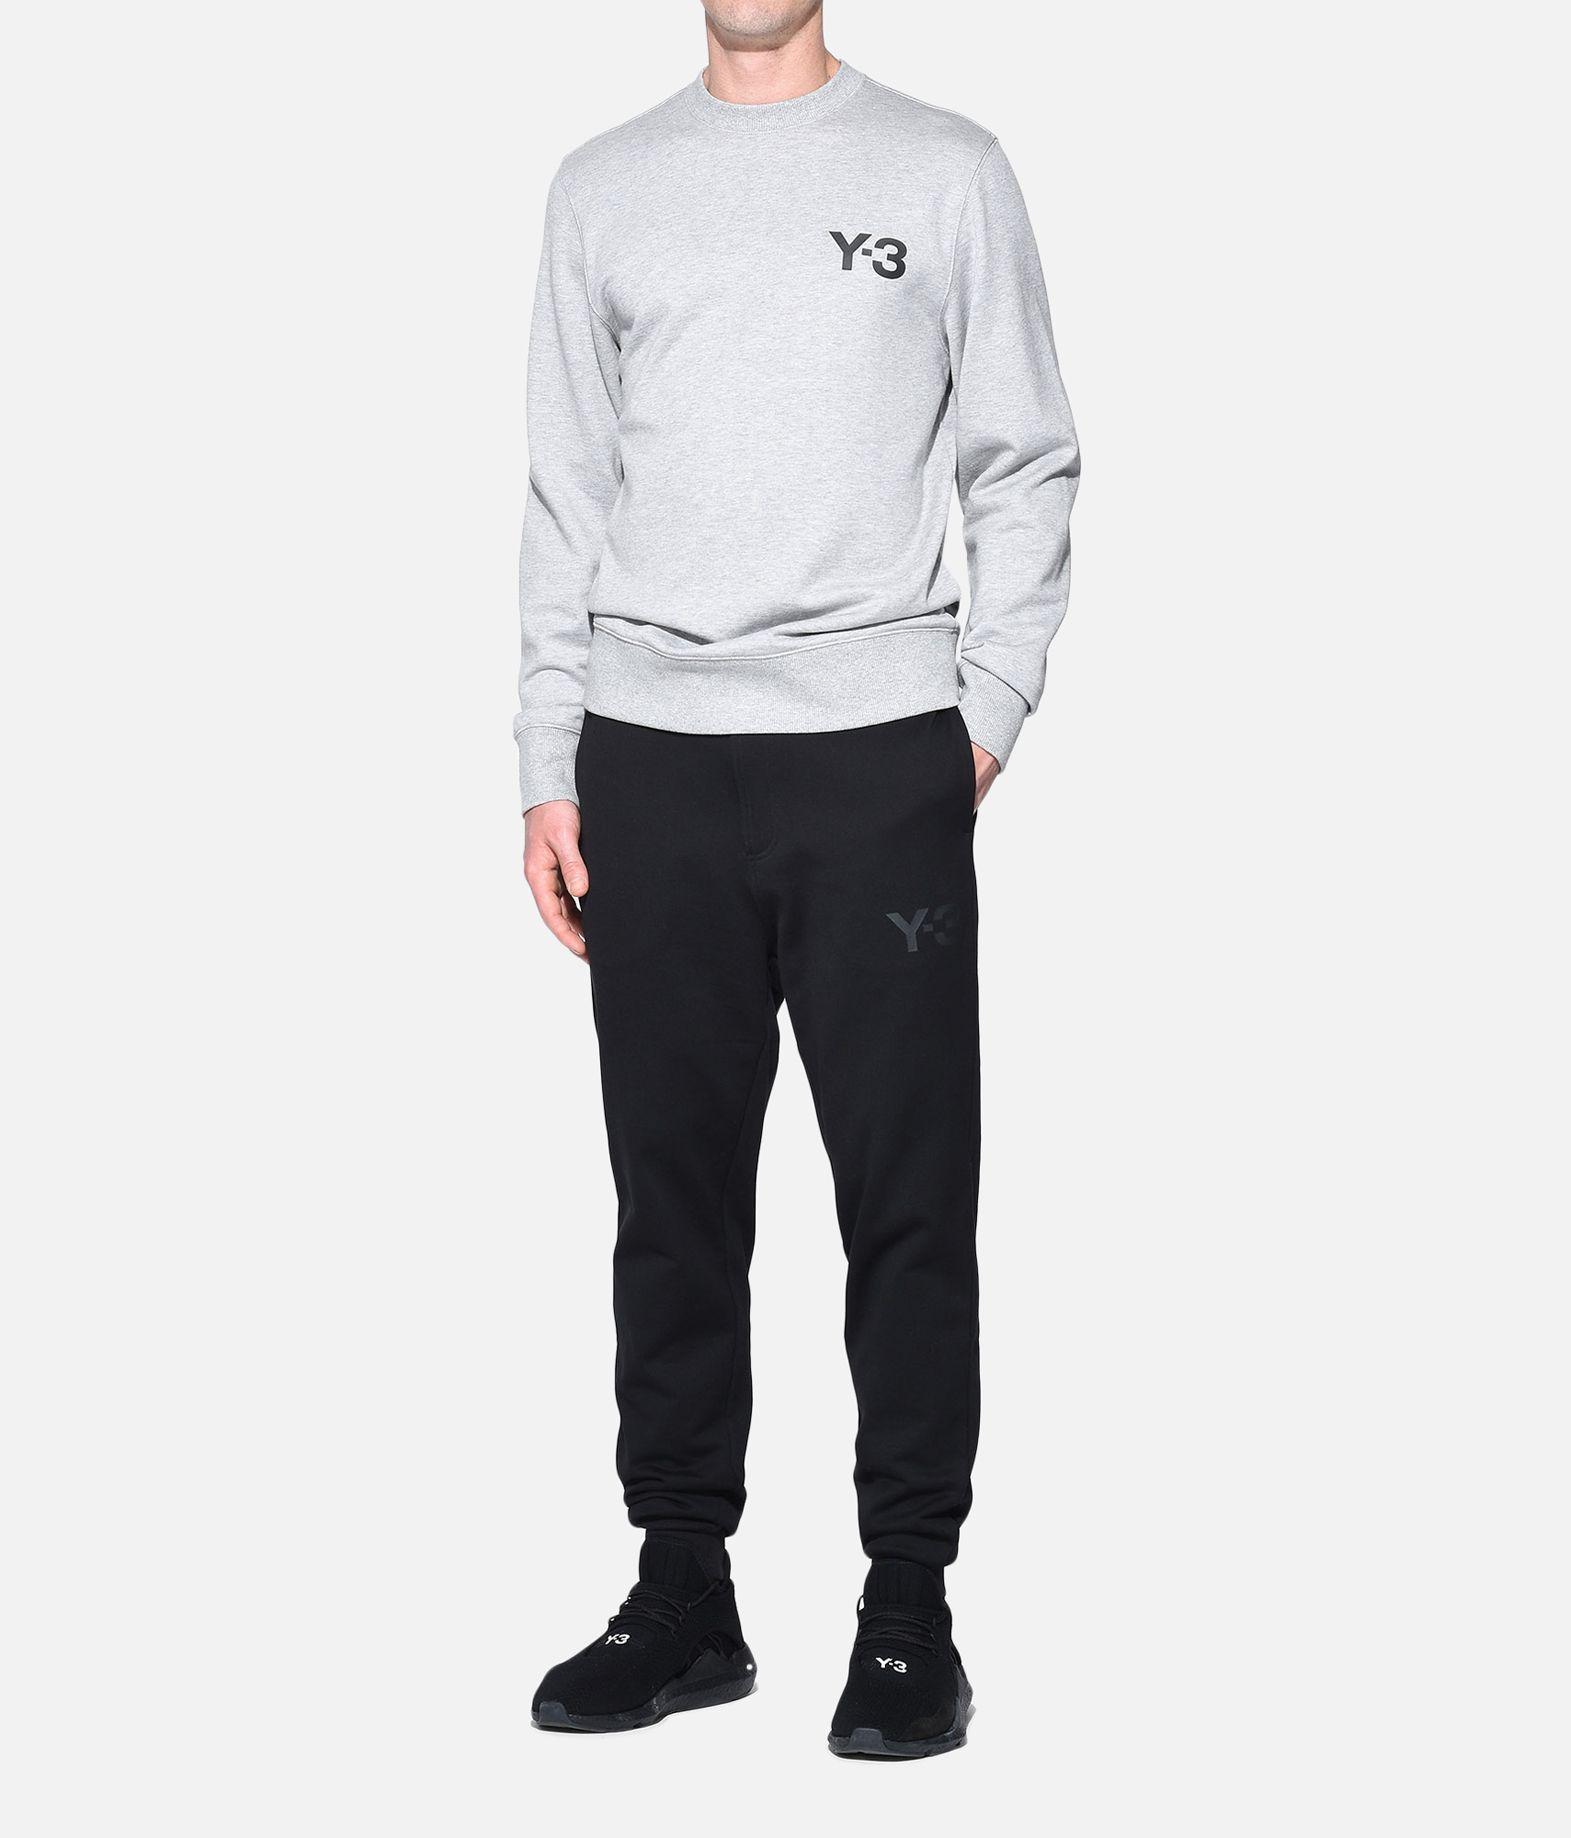 Y-3 Y-3 CLASSIC SWEATER Sweatshirt Man a